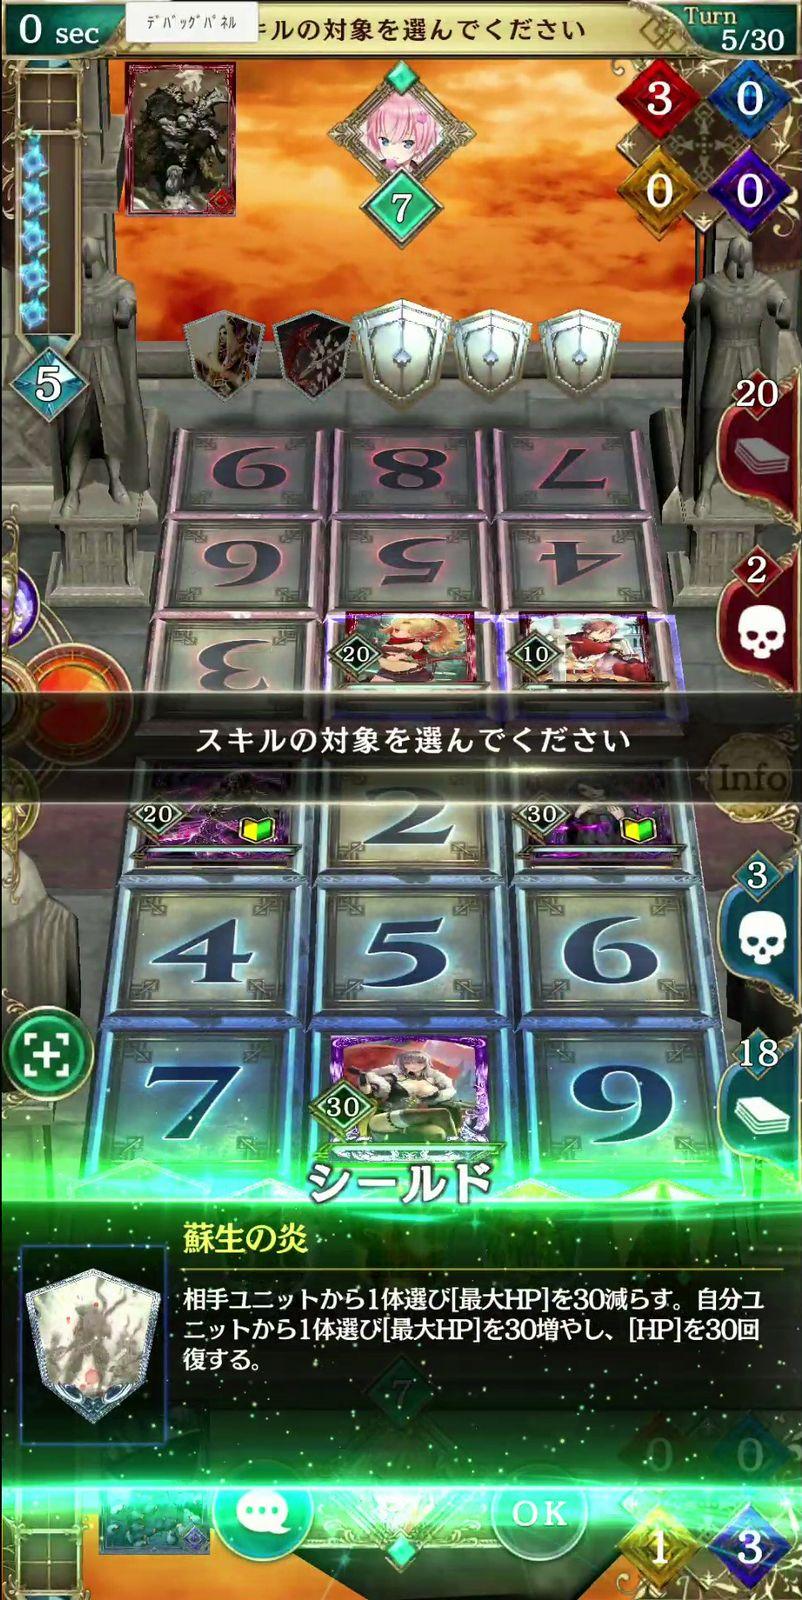 アルテイルNEO【攻略】: 初心者必見!対戦デビューまでのステップ